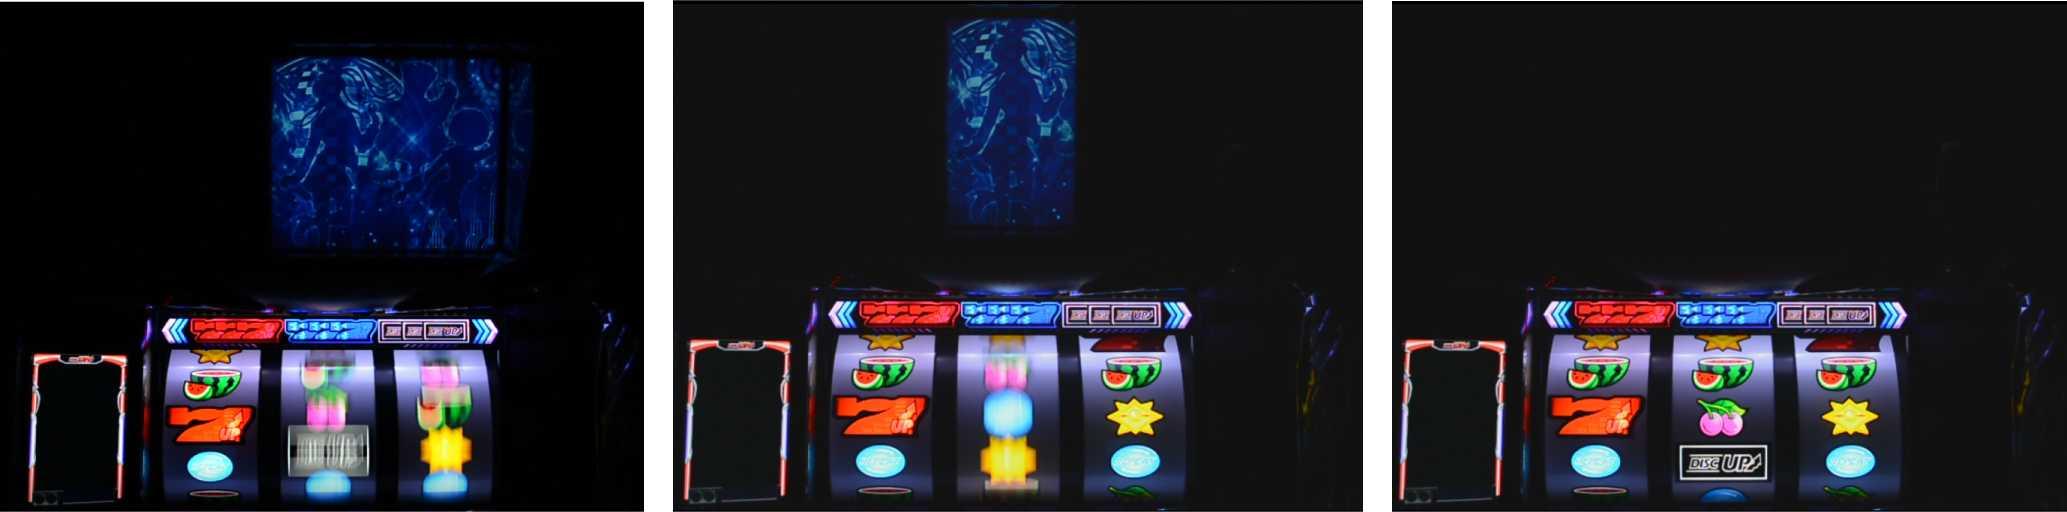 パチスロ ディスクアップのパネル消灯演出の画像です。